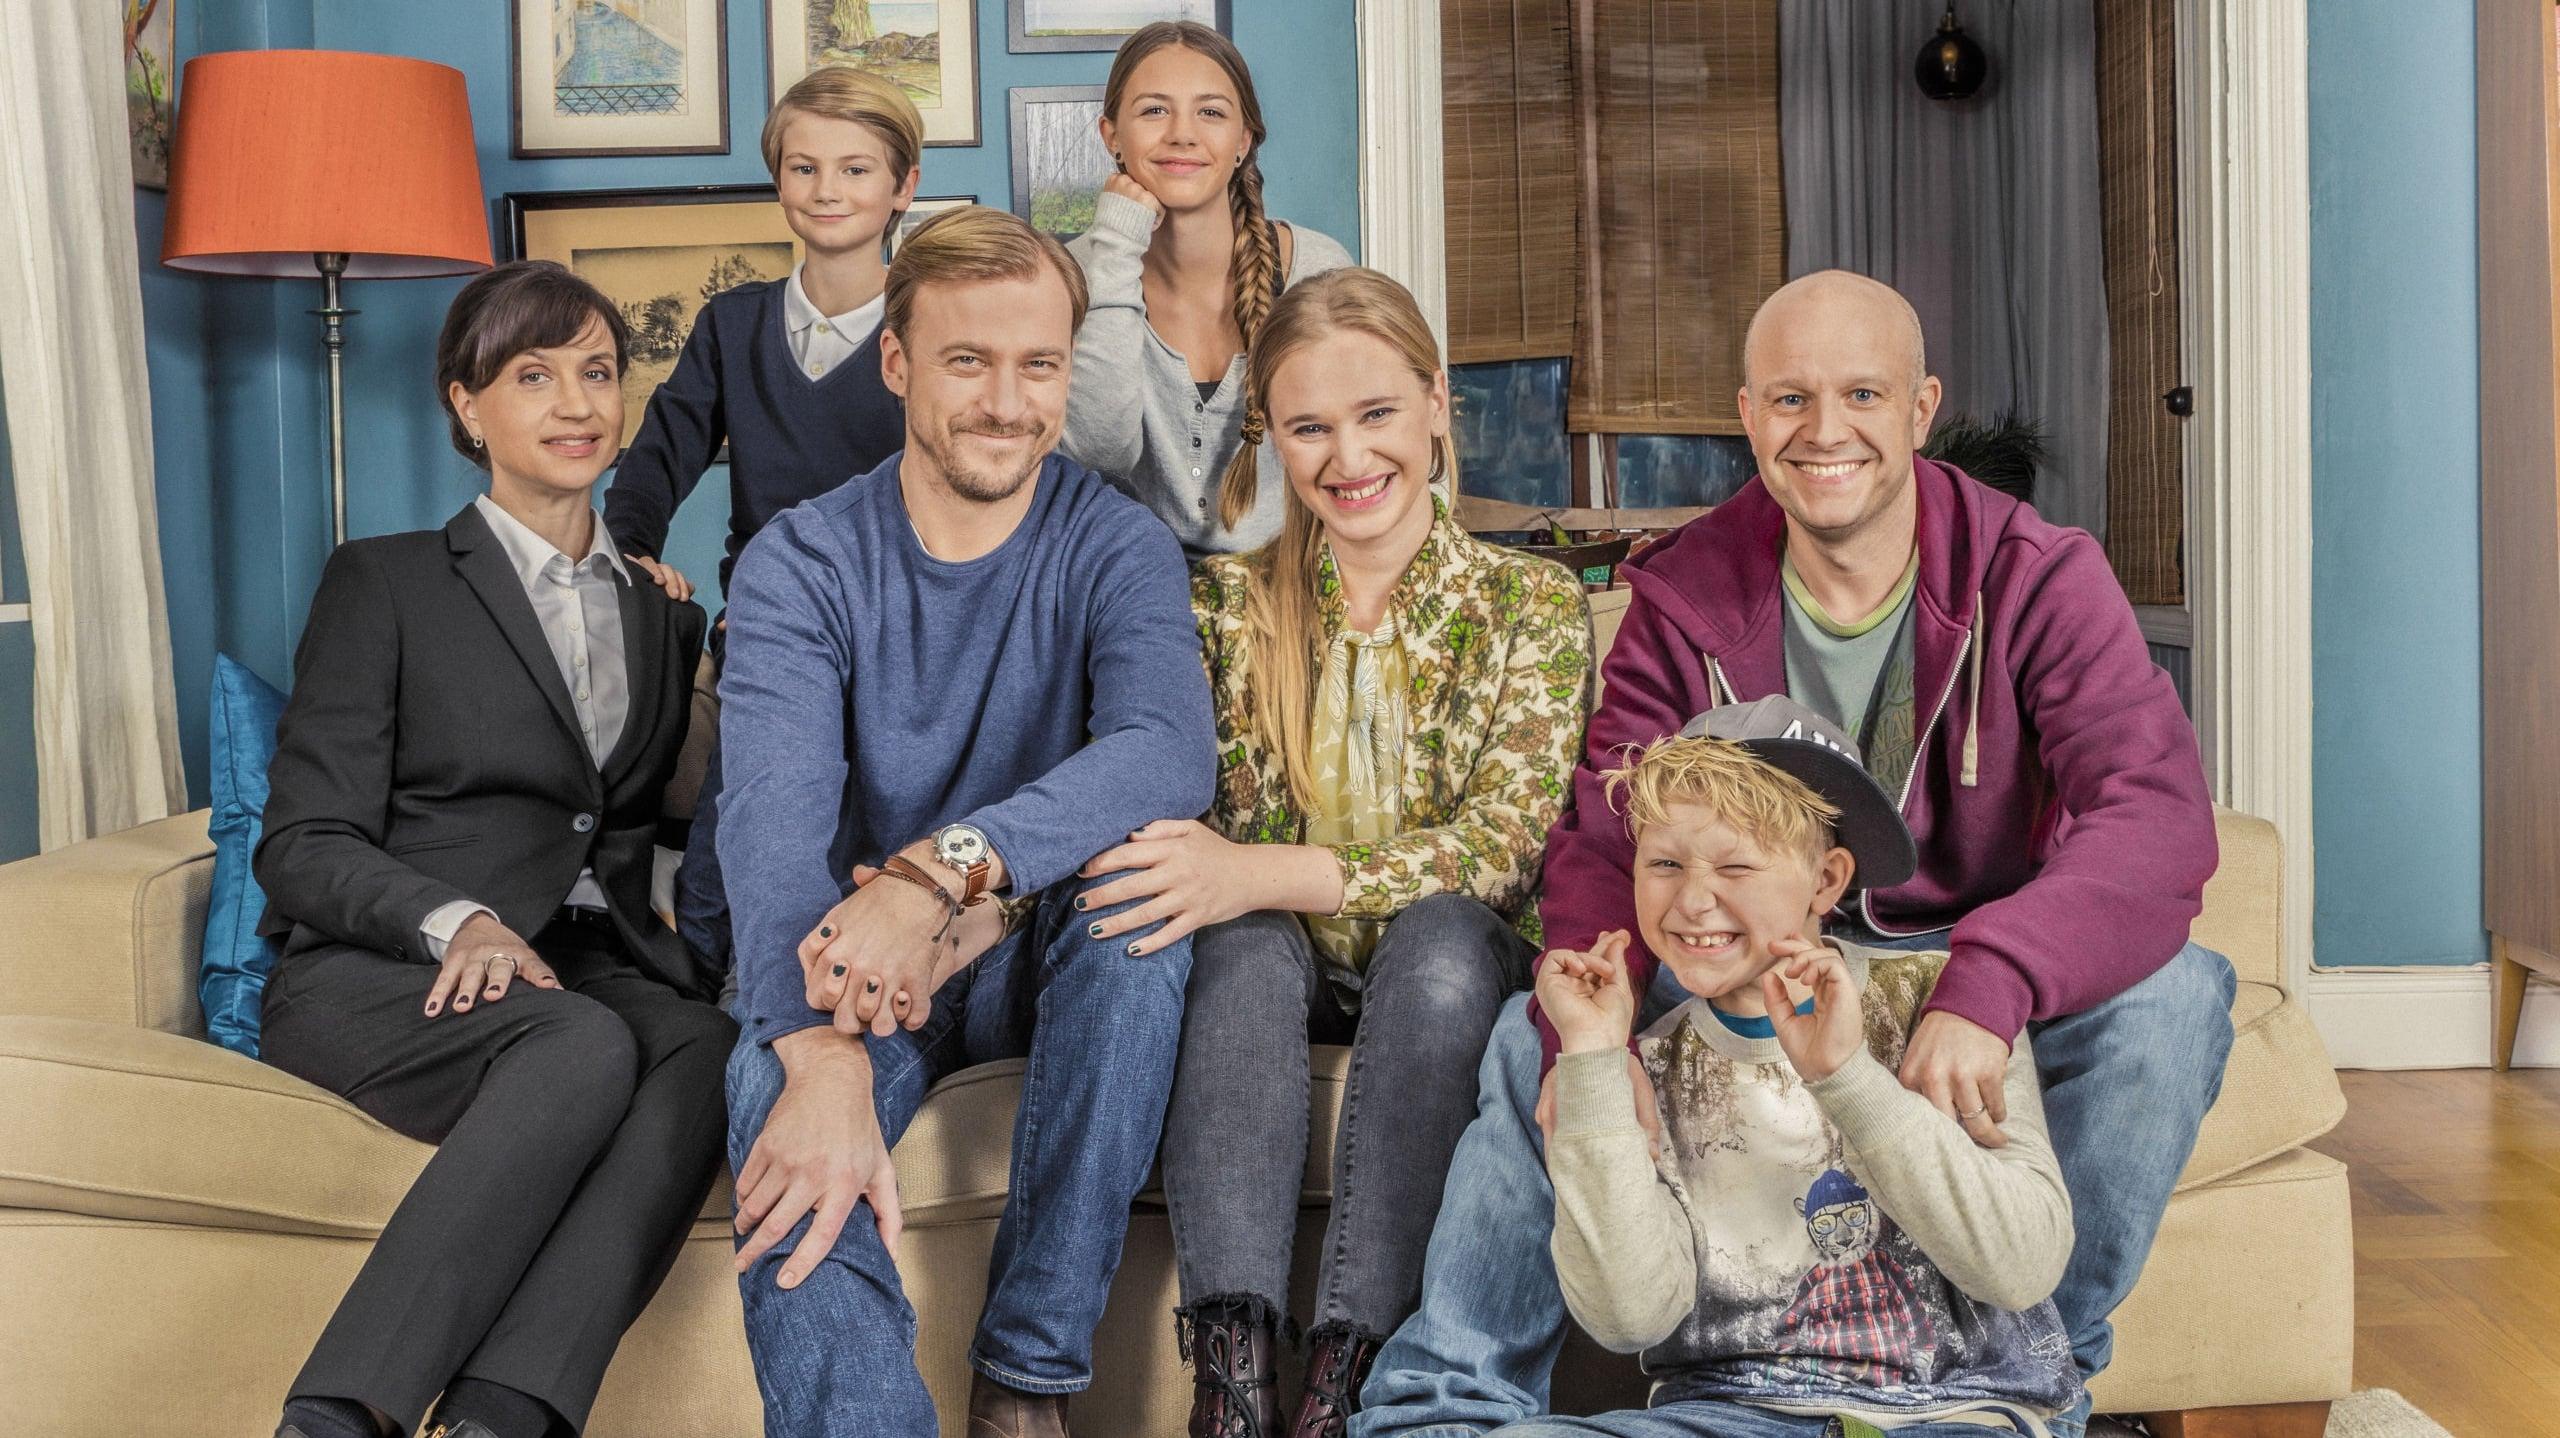 Шведские семьи онлайн, Шведская семья - поиск по лучшим видео (видеороликам) 17 фотография